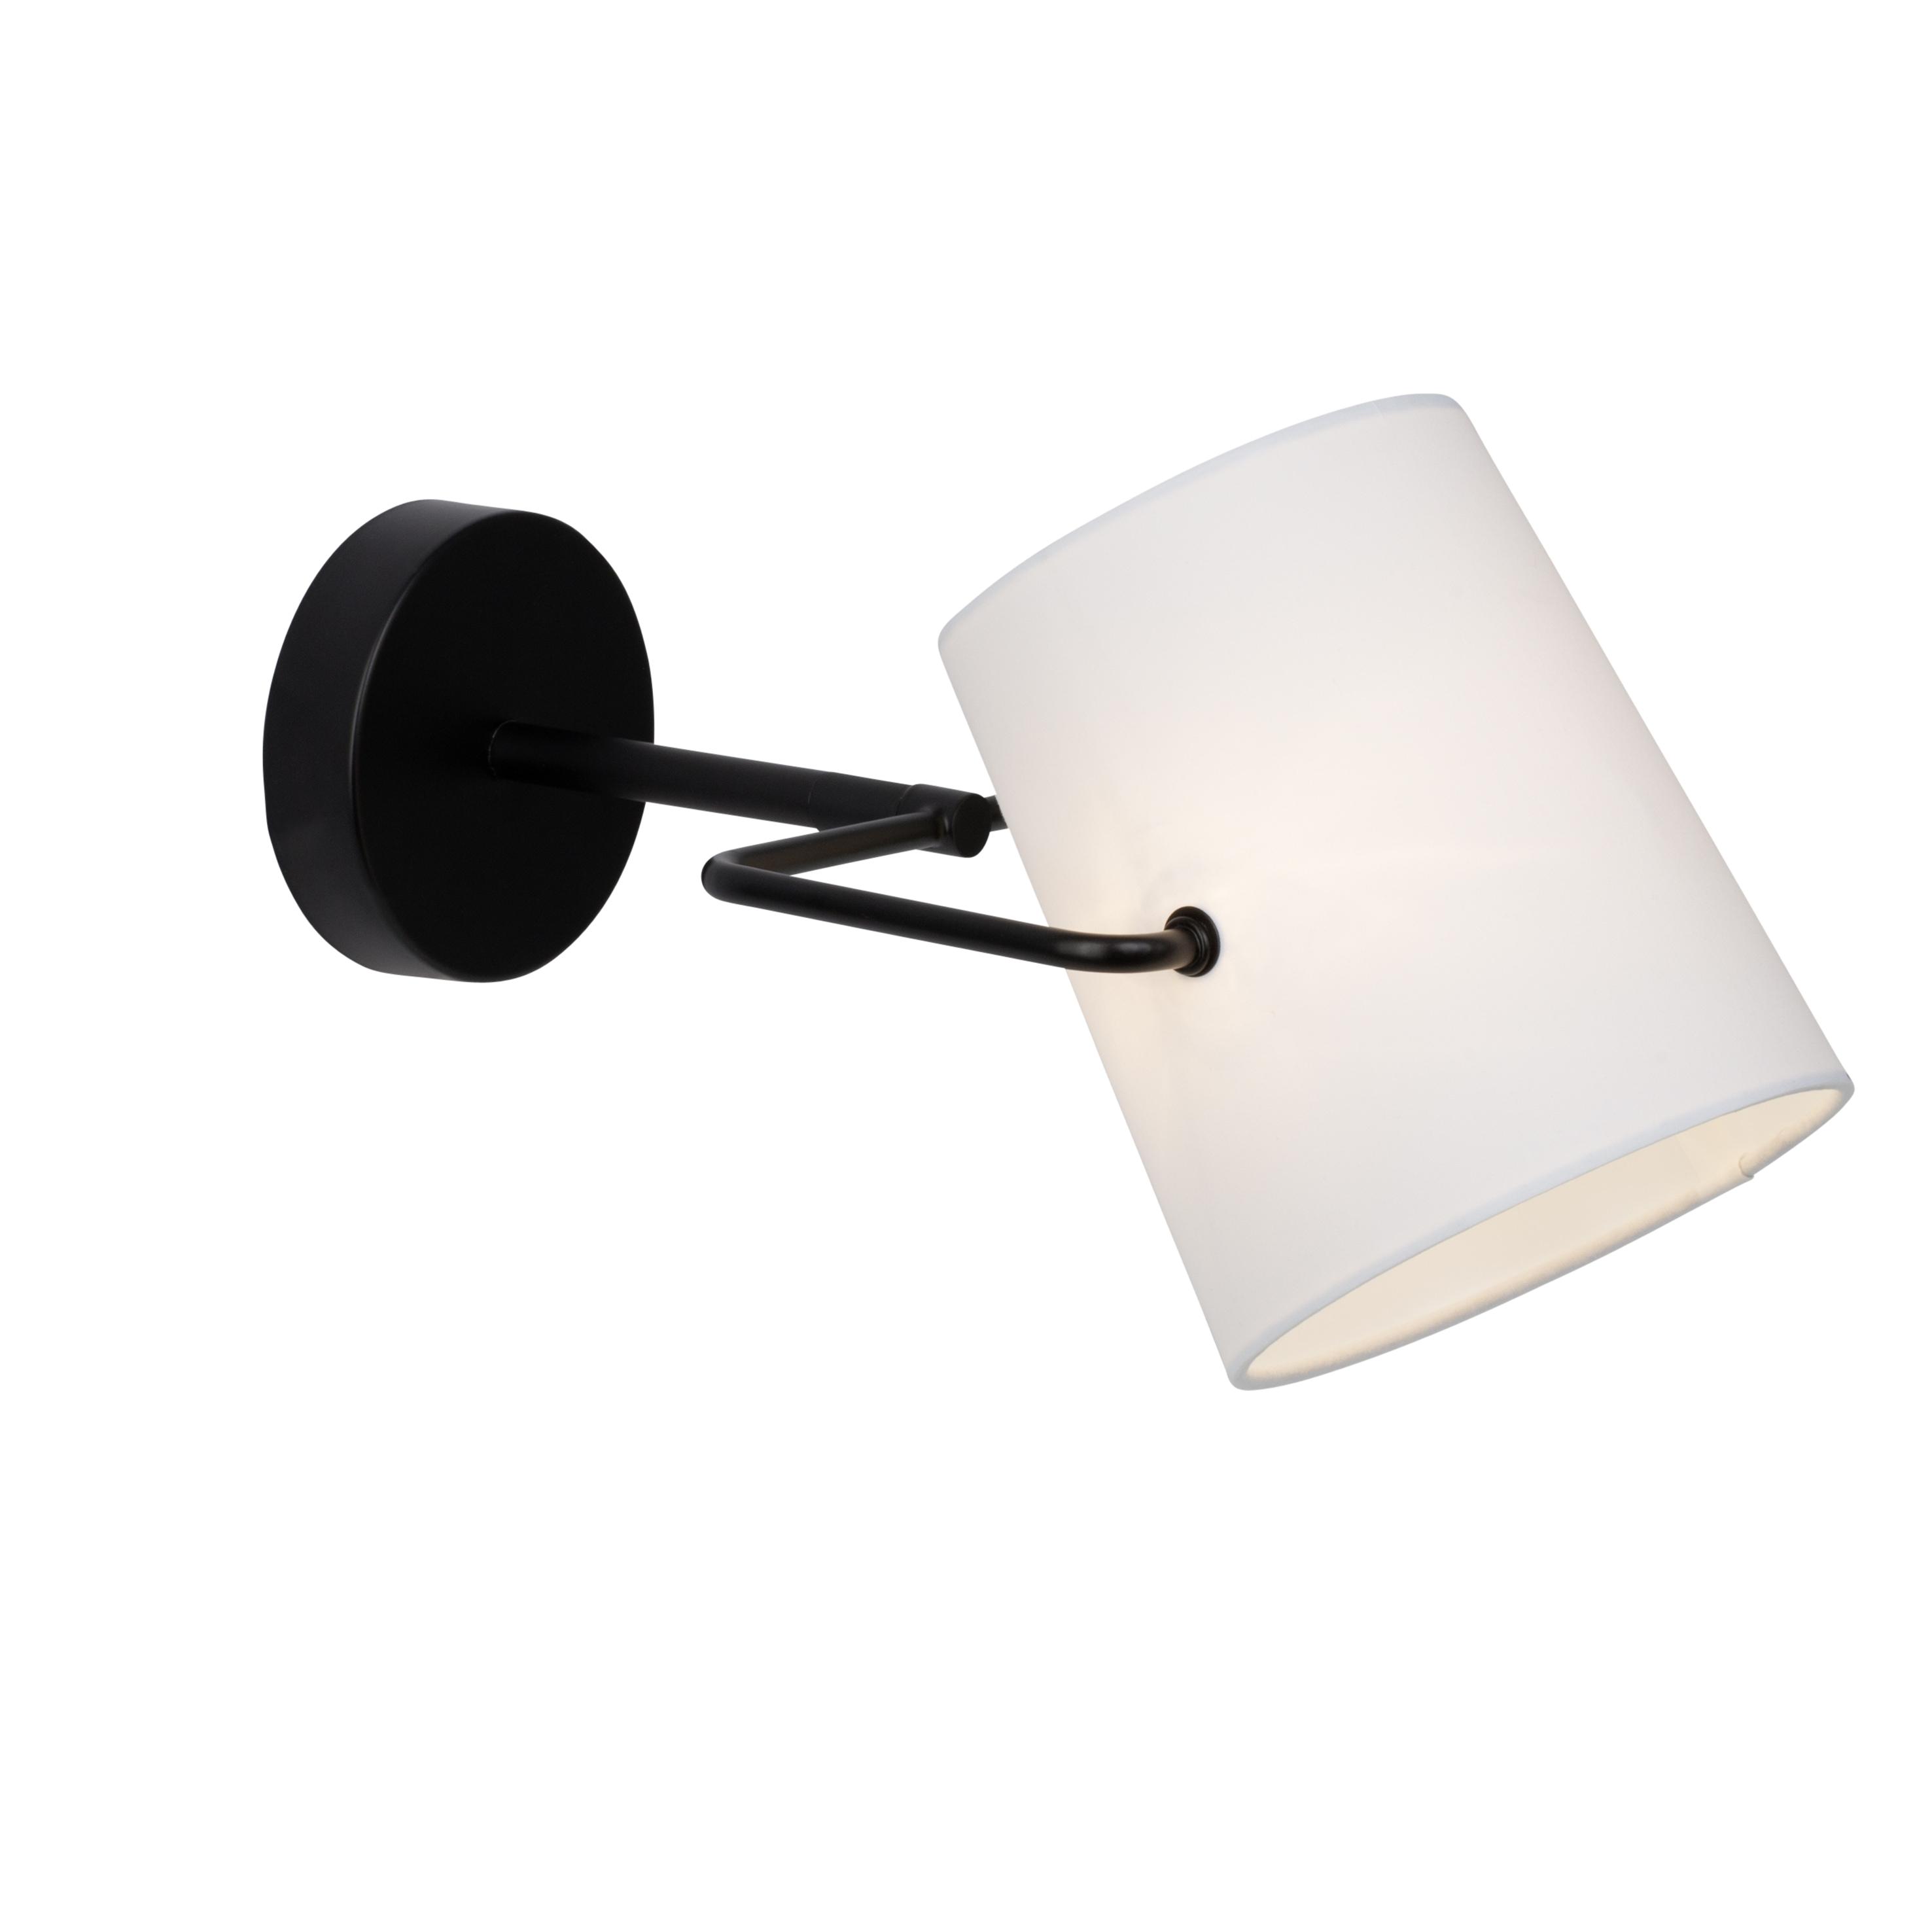 Brilliant Leuchten Bucket Wandspot schwarz/weiß